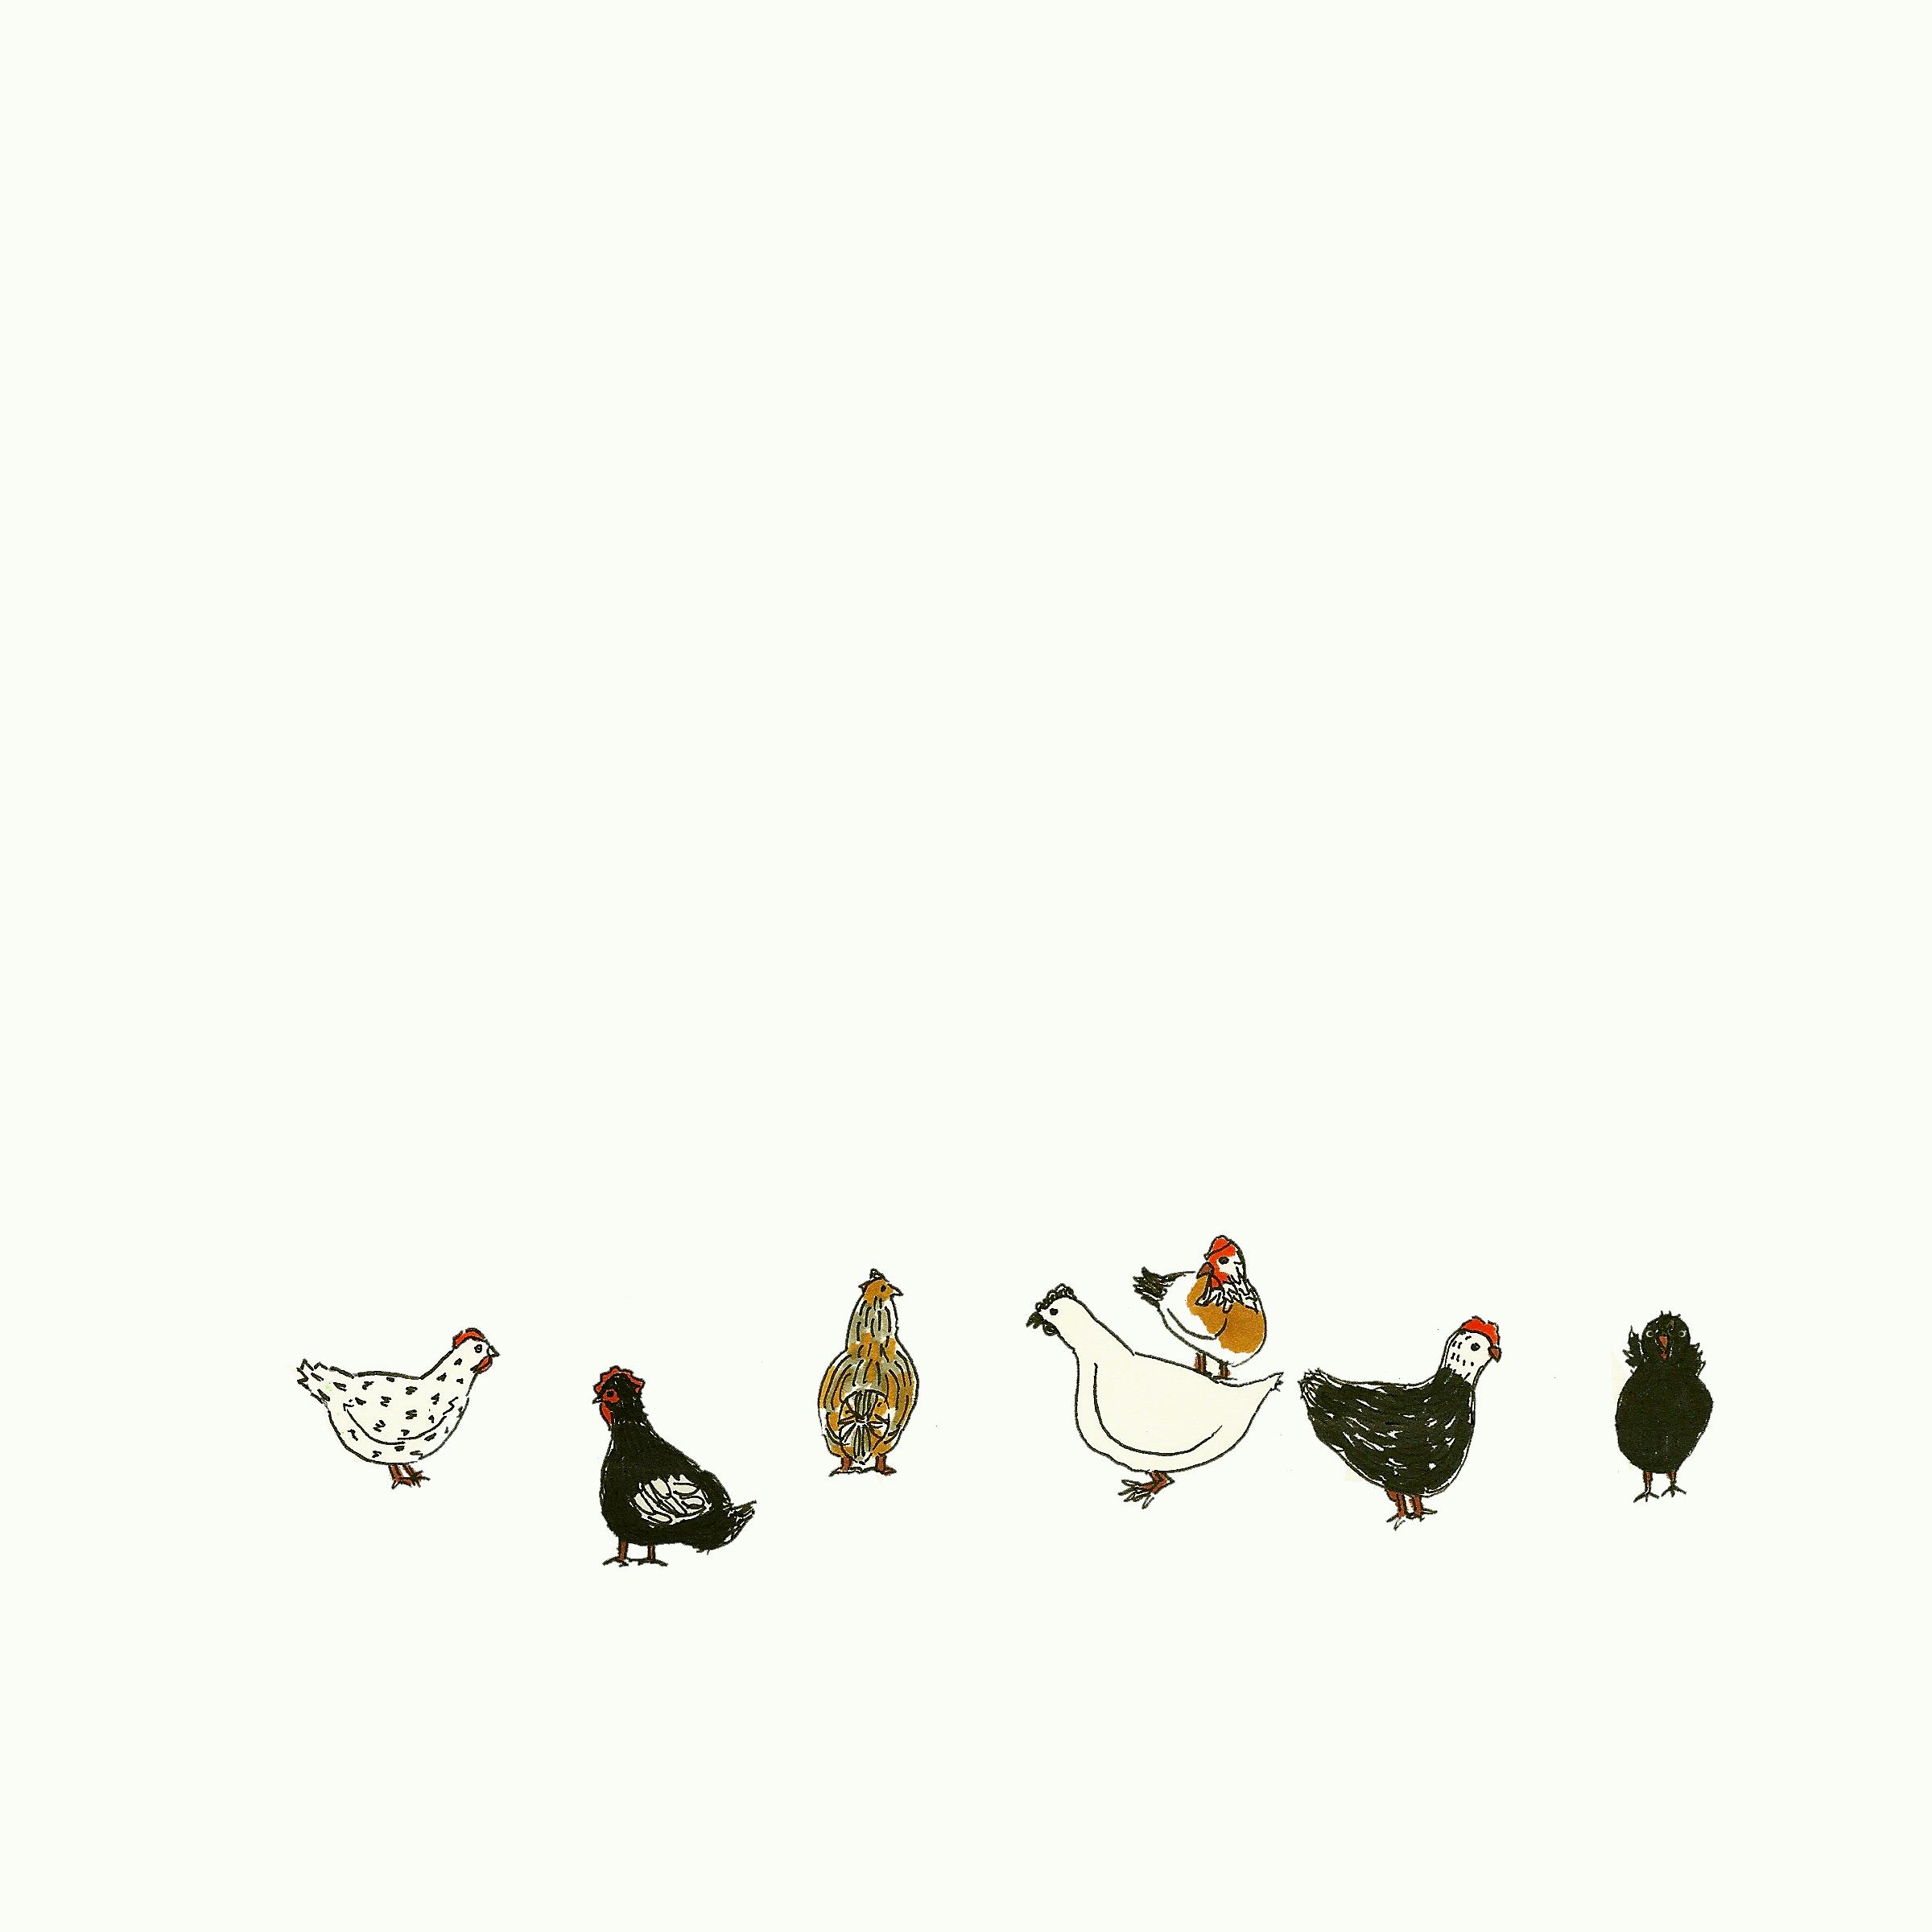 Chickens. Kathryn Zaremba 2014